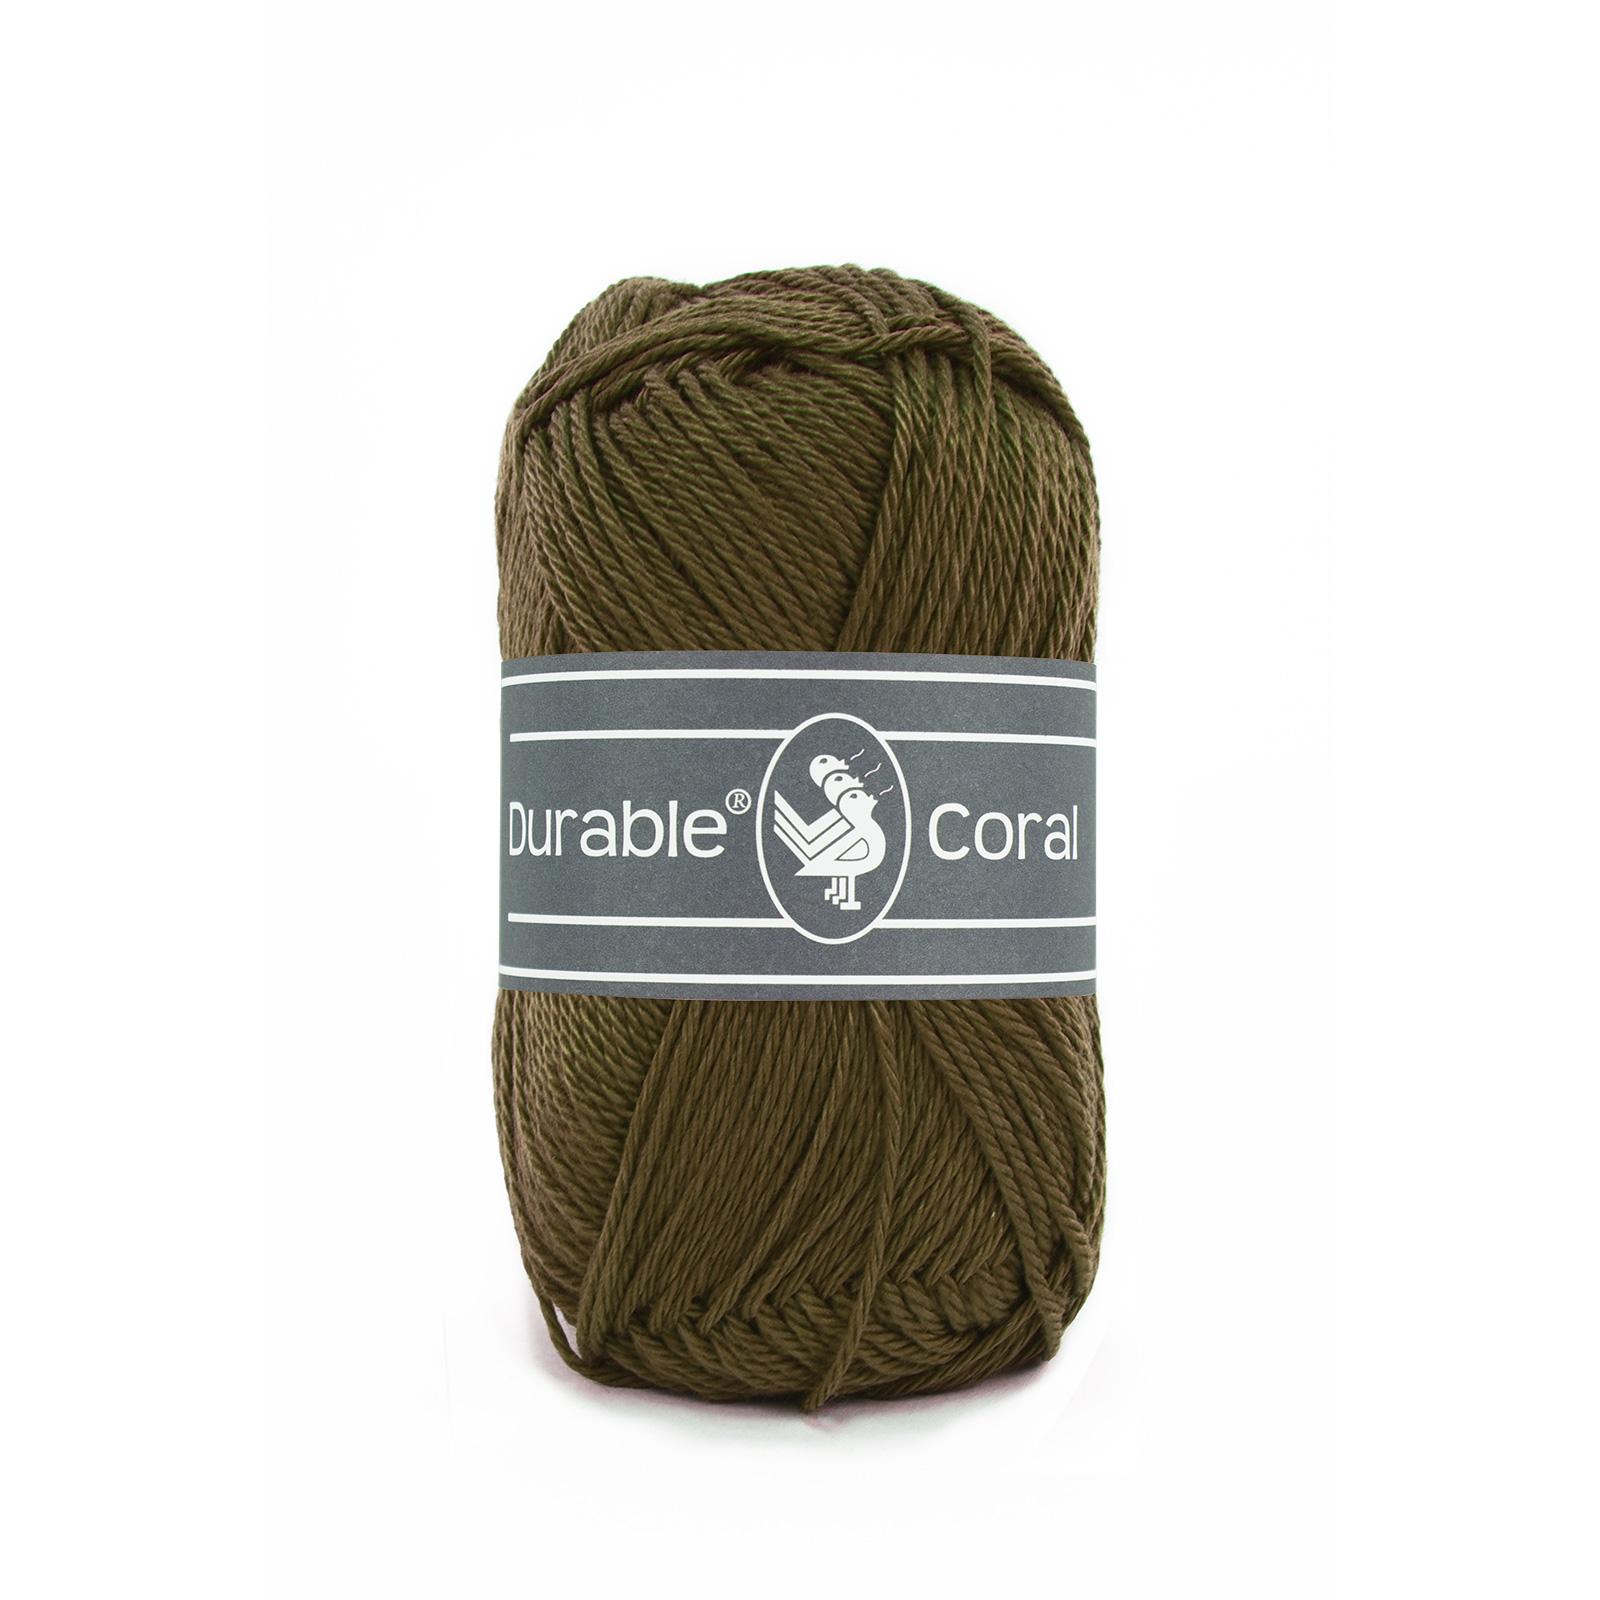 Coral – 2149 Dark Olive